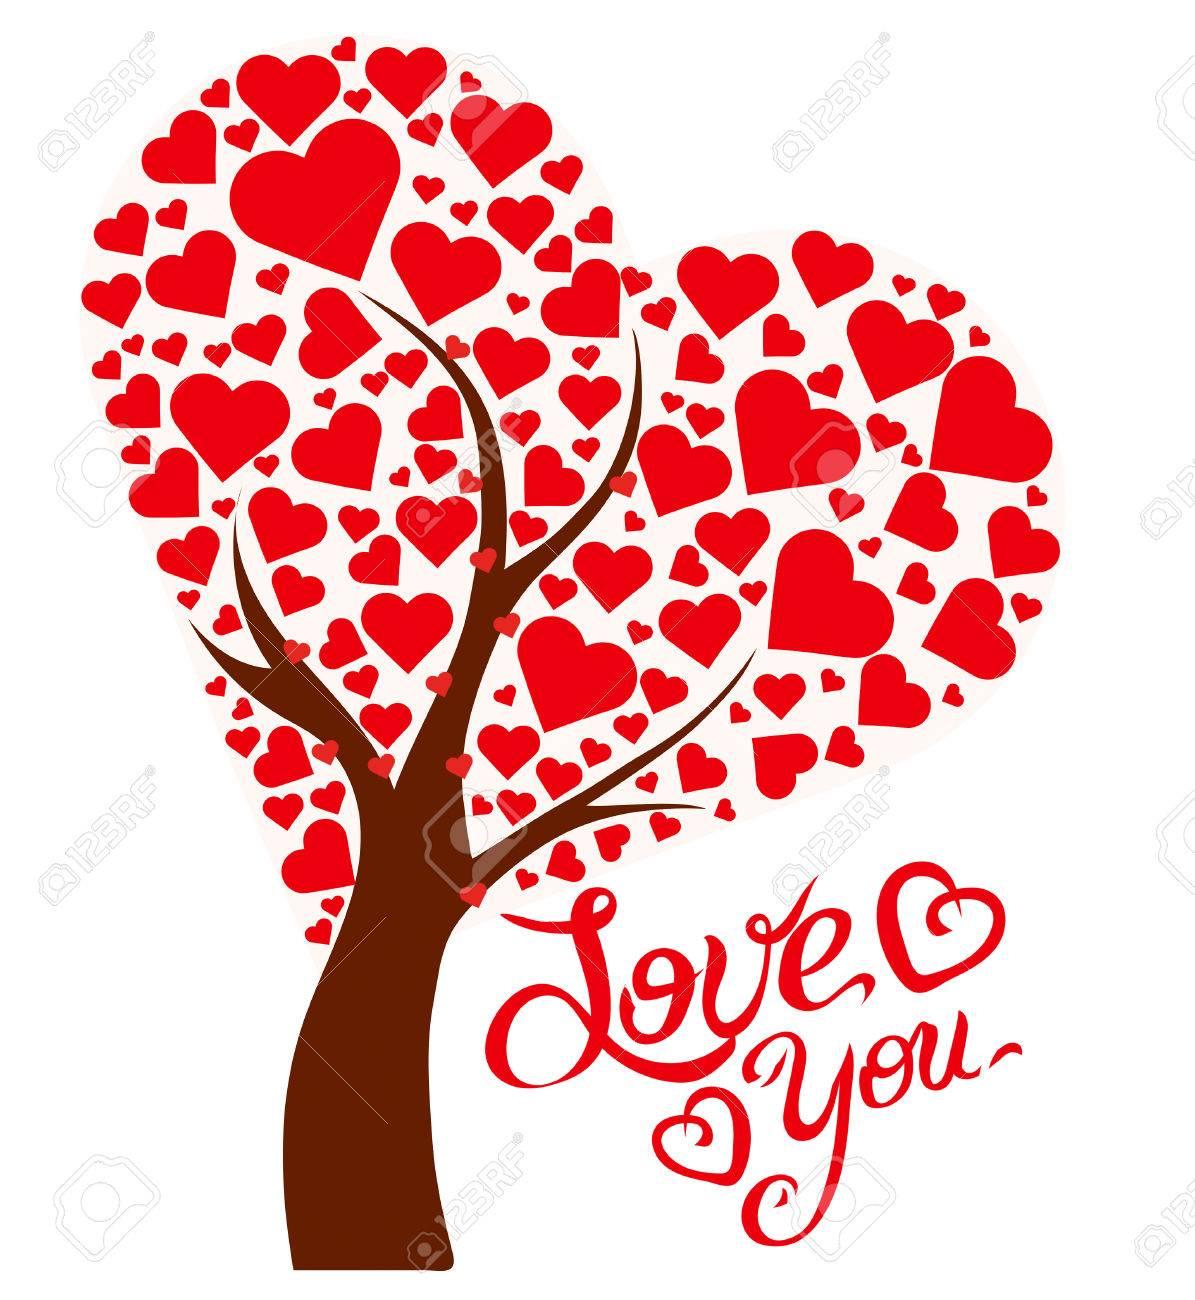 صورة صور احبك , احلى صور ممكن ترسالها الي حبيبك عليها I love you